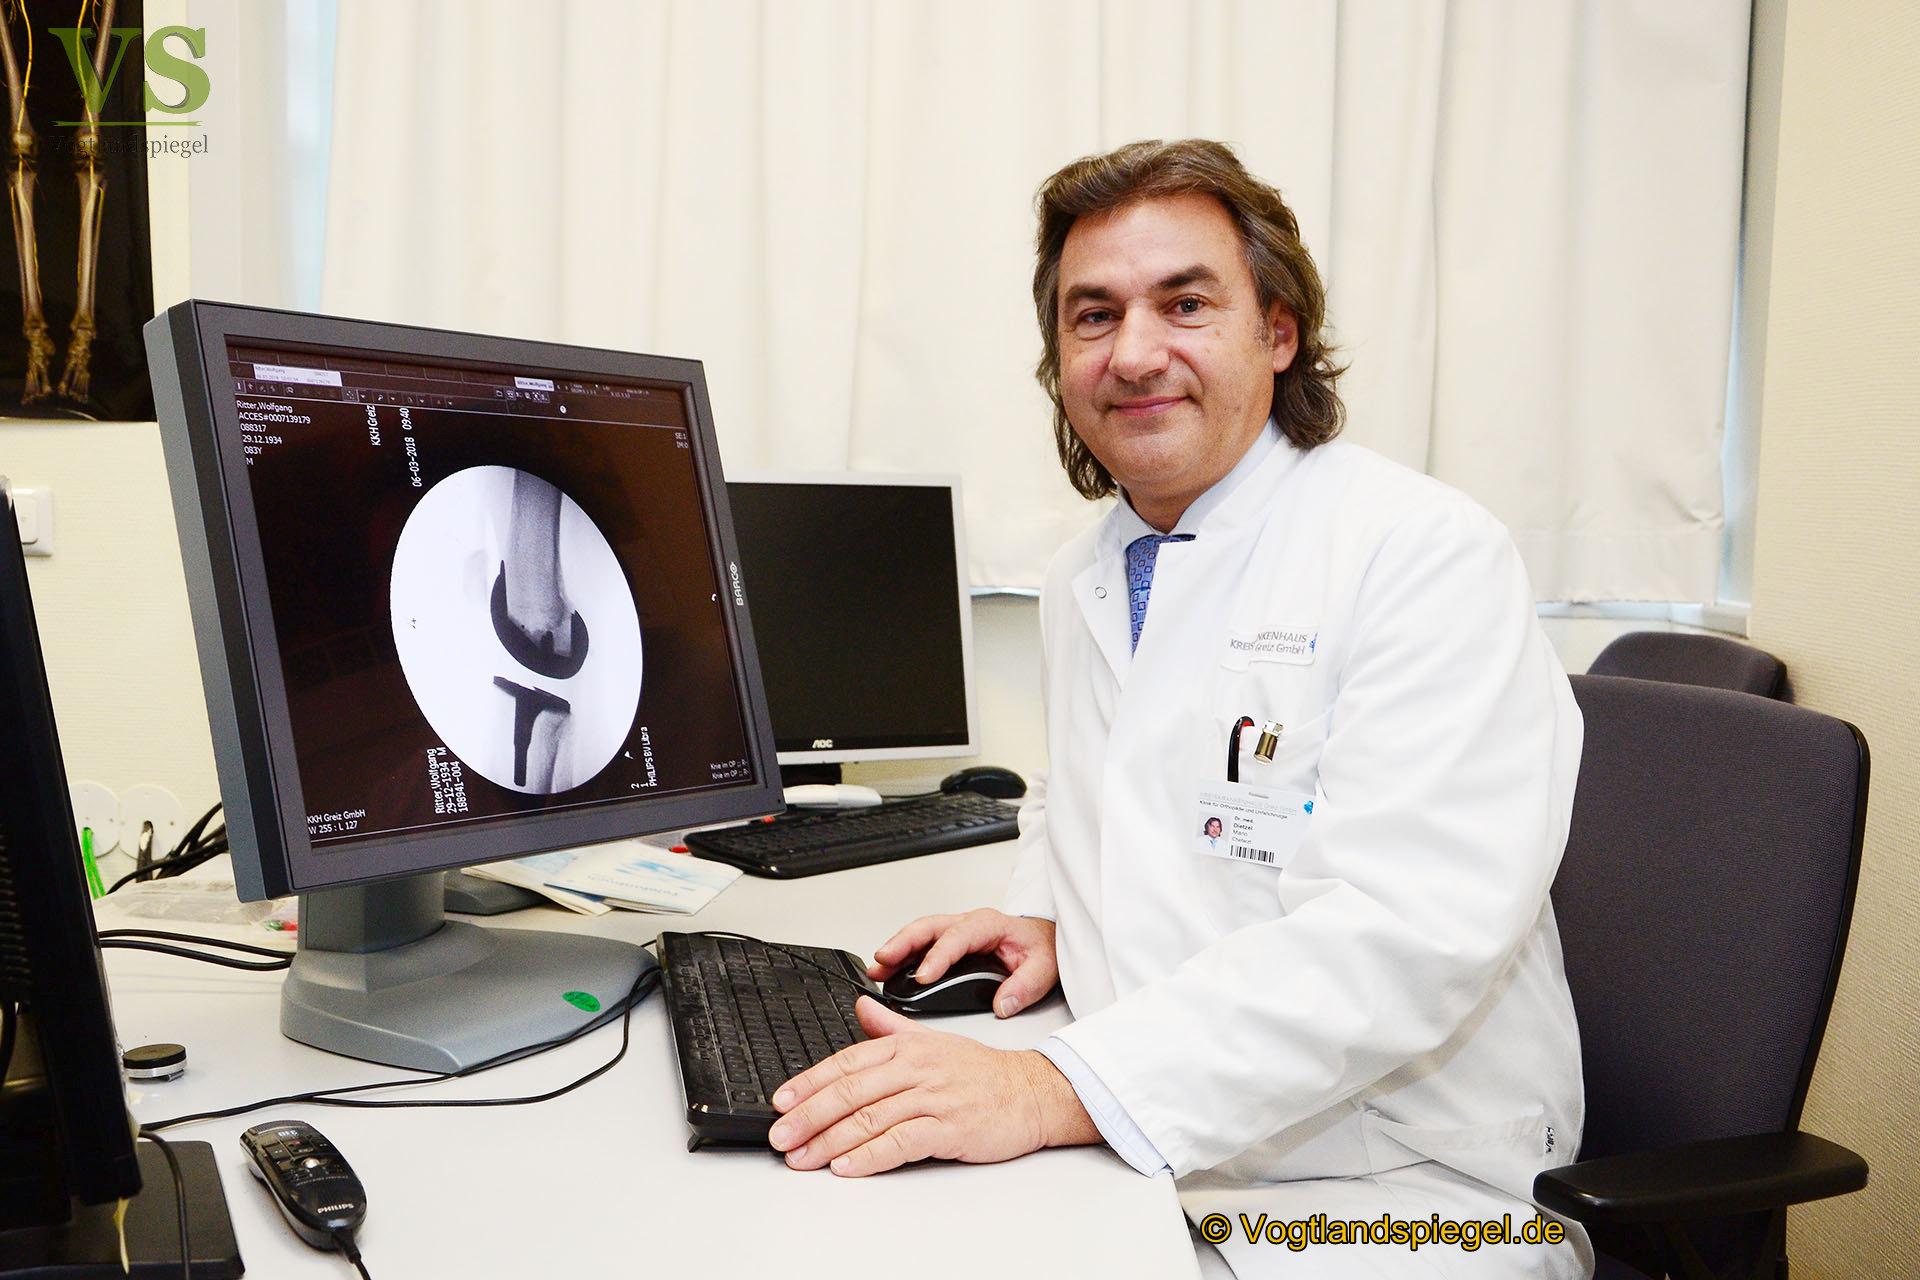 Dr. med. Mario Dietzel: Ich bin hochmotiviert